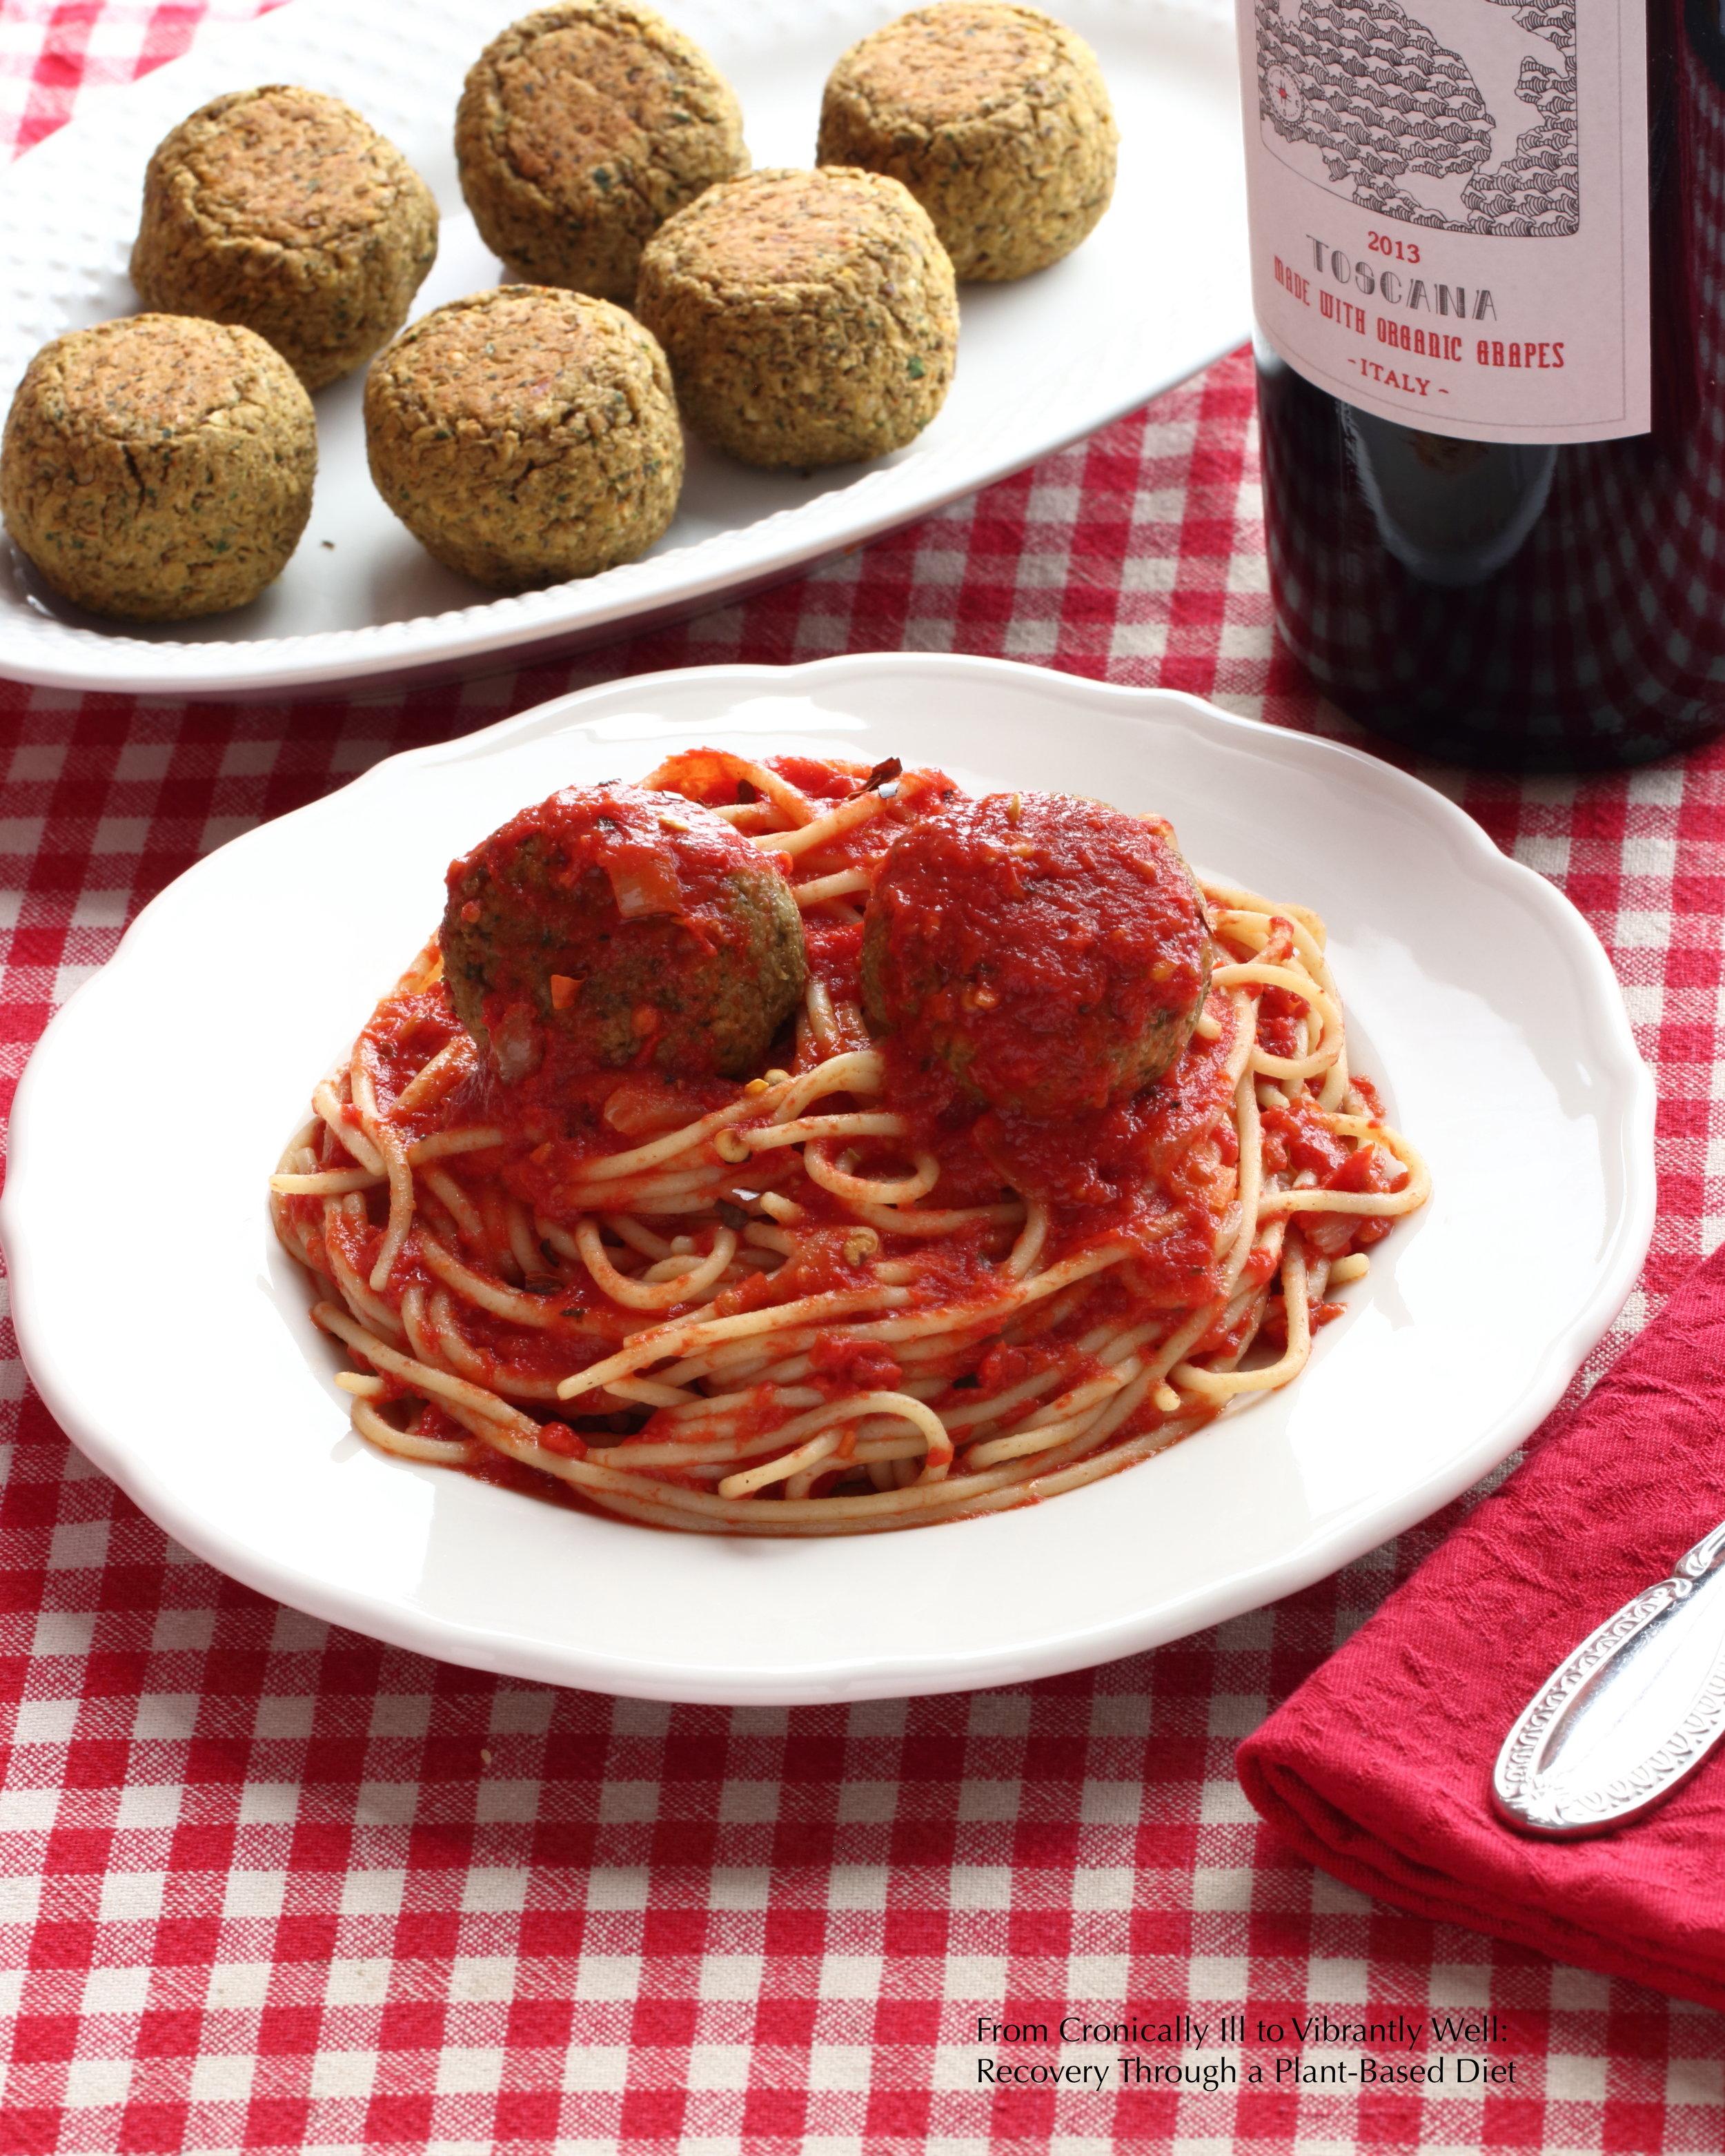 Lentil Balls and Marinara Sauce over rice pasta.